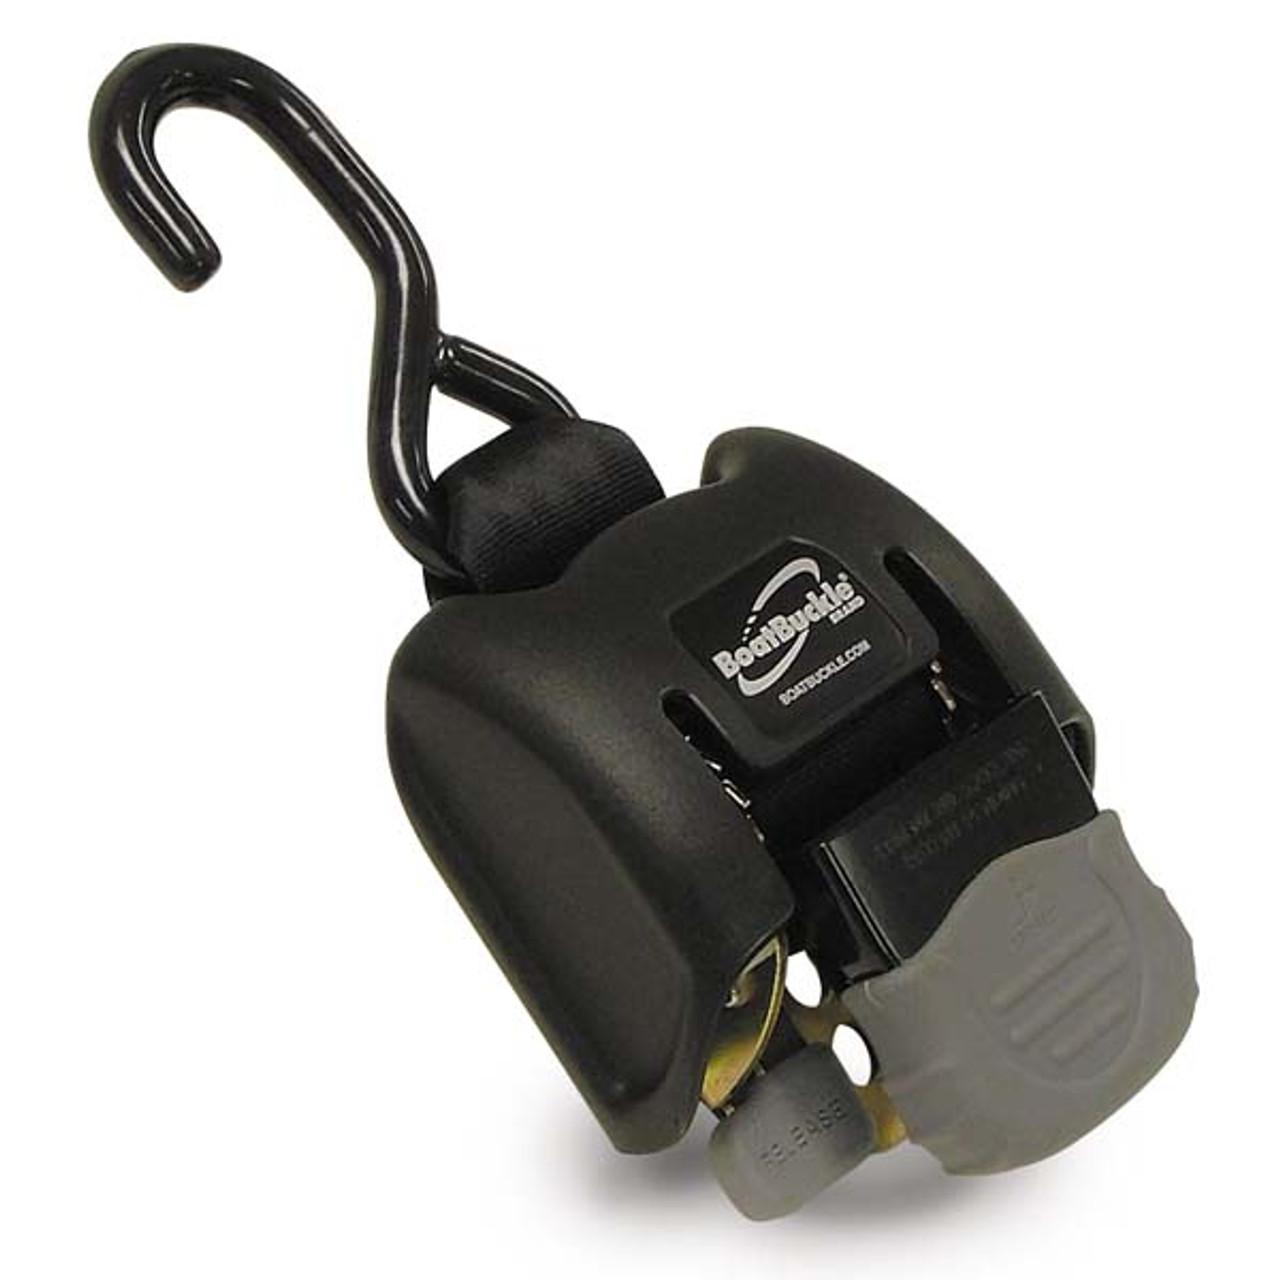 Retractable Ratchet Straps >> Boatbuckle Retractable Ratchet Bow Tie Down